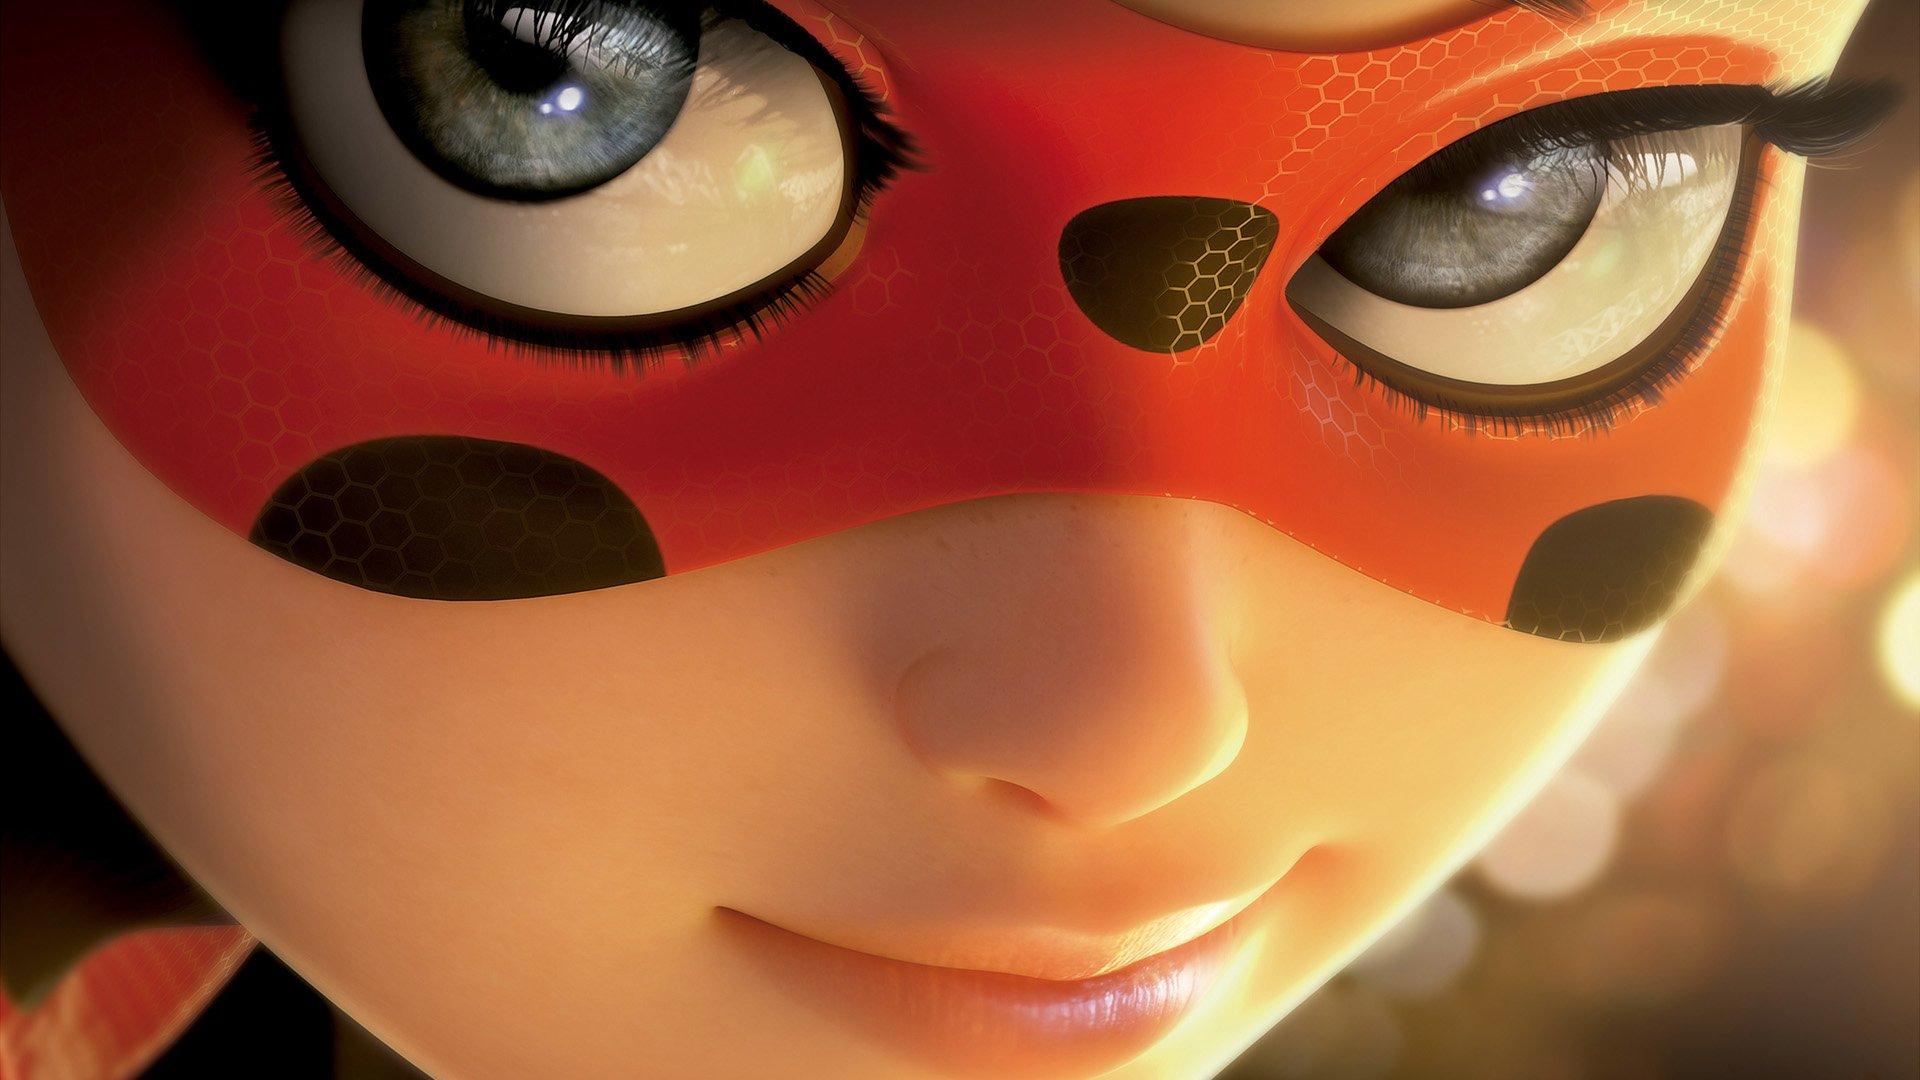 TV Show - Miraculous Ladybug  Ladybug (Miraculous Ladybug) Wallpaper